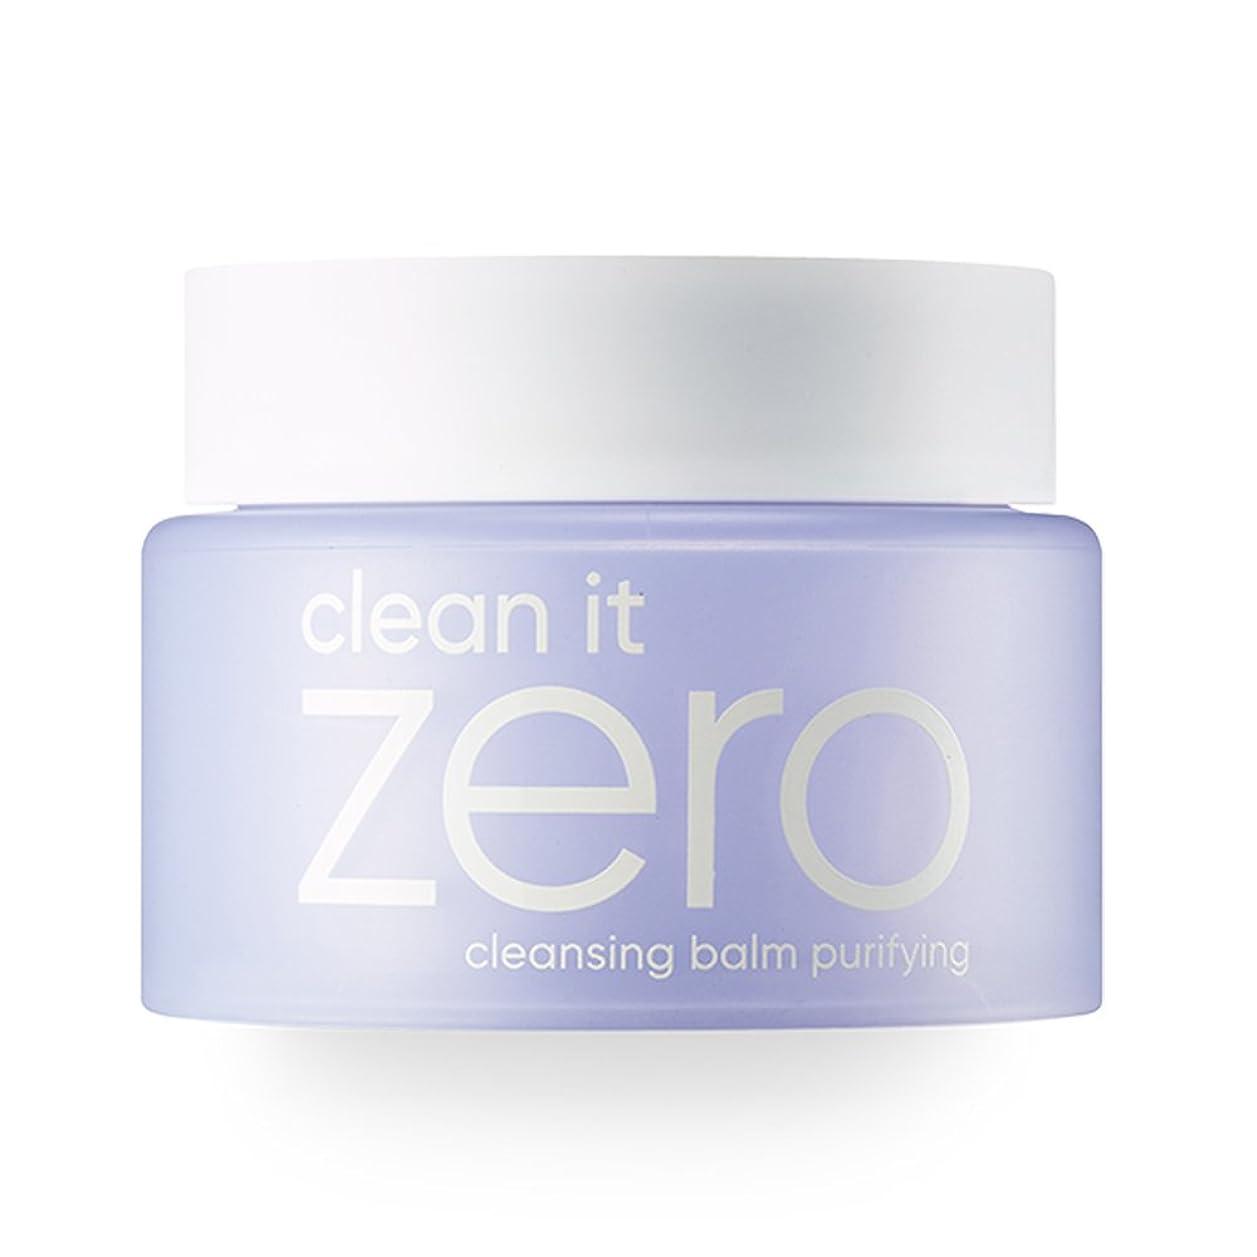 同情的穏やかな針BANILA CO(バニラコ) クリーン イット ゼロ クレンジング バーム ピュリファイング Clean It Zero Purifying